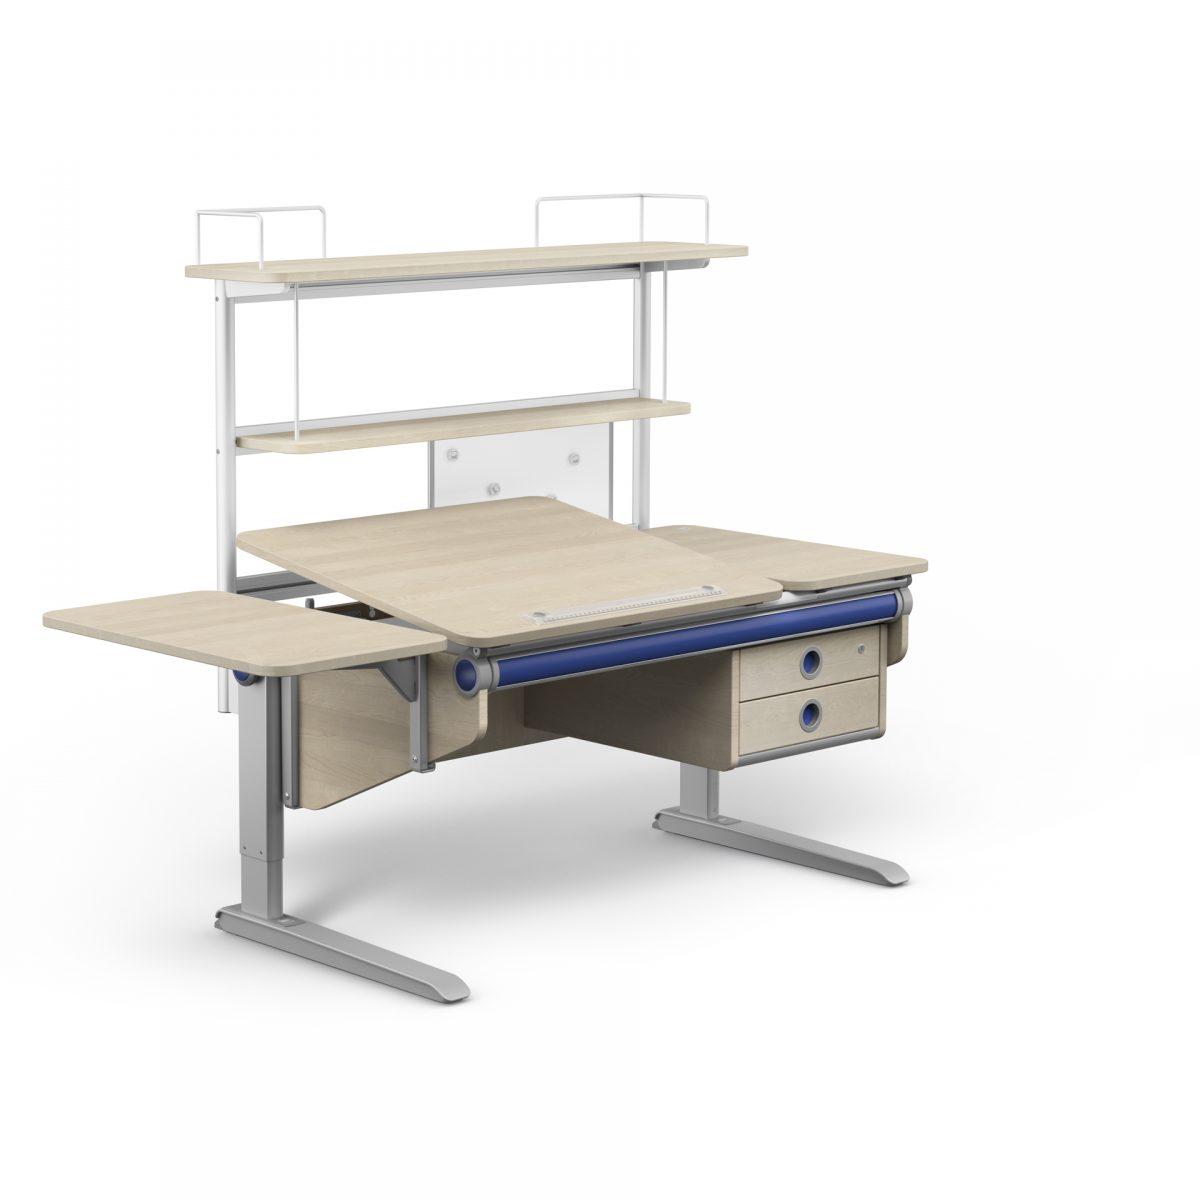 Side top pristavba k detskemu rostoucimu stolu Winner 3 1 - Delso - dětský, kancelářský a bytový nábytek